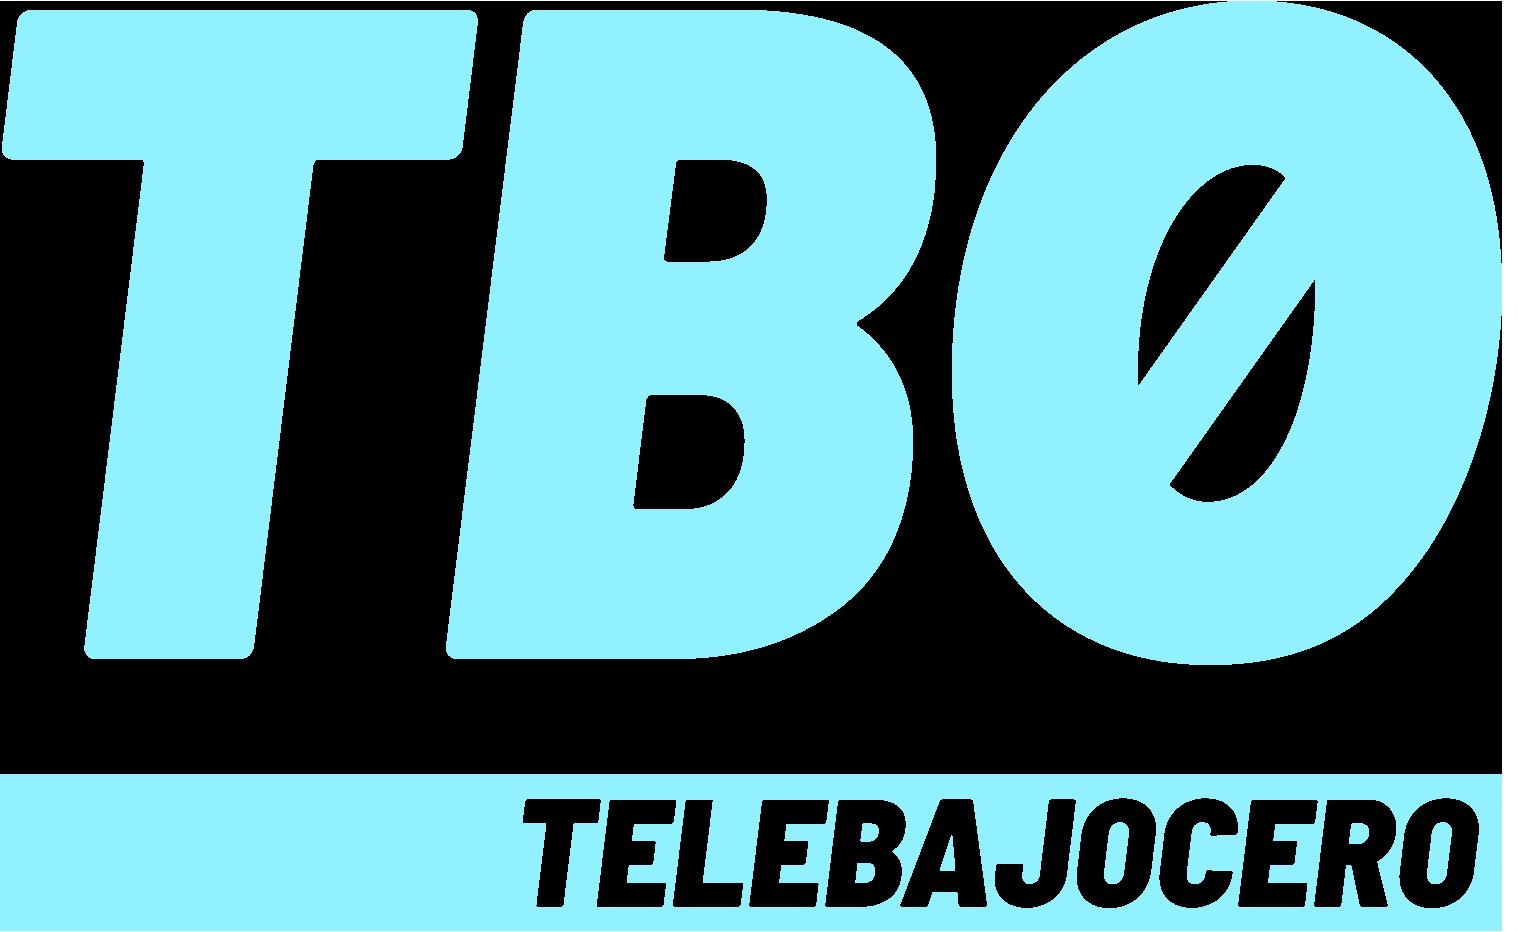 TeleBajoCero